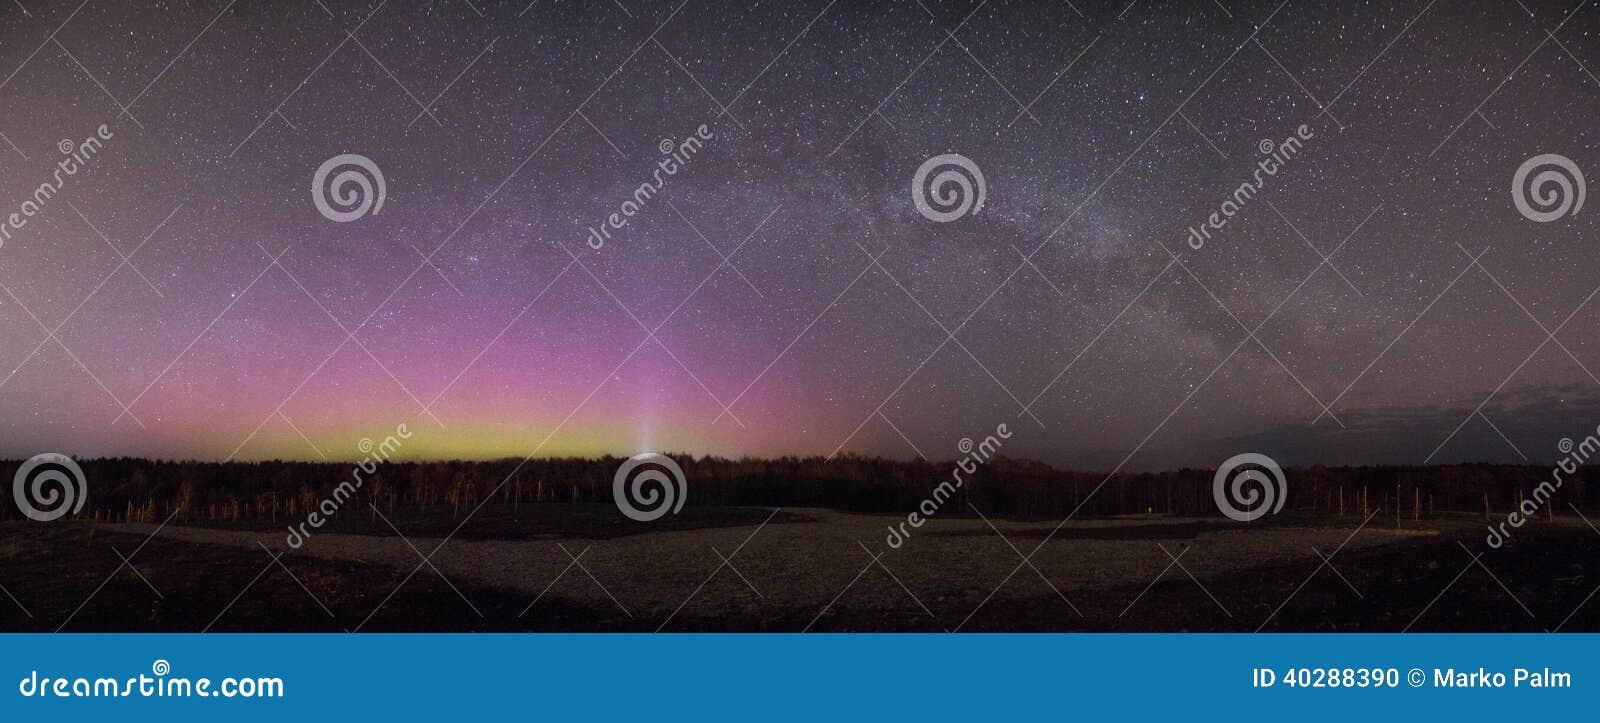 Красивая панорама северного сияния